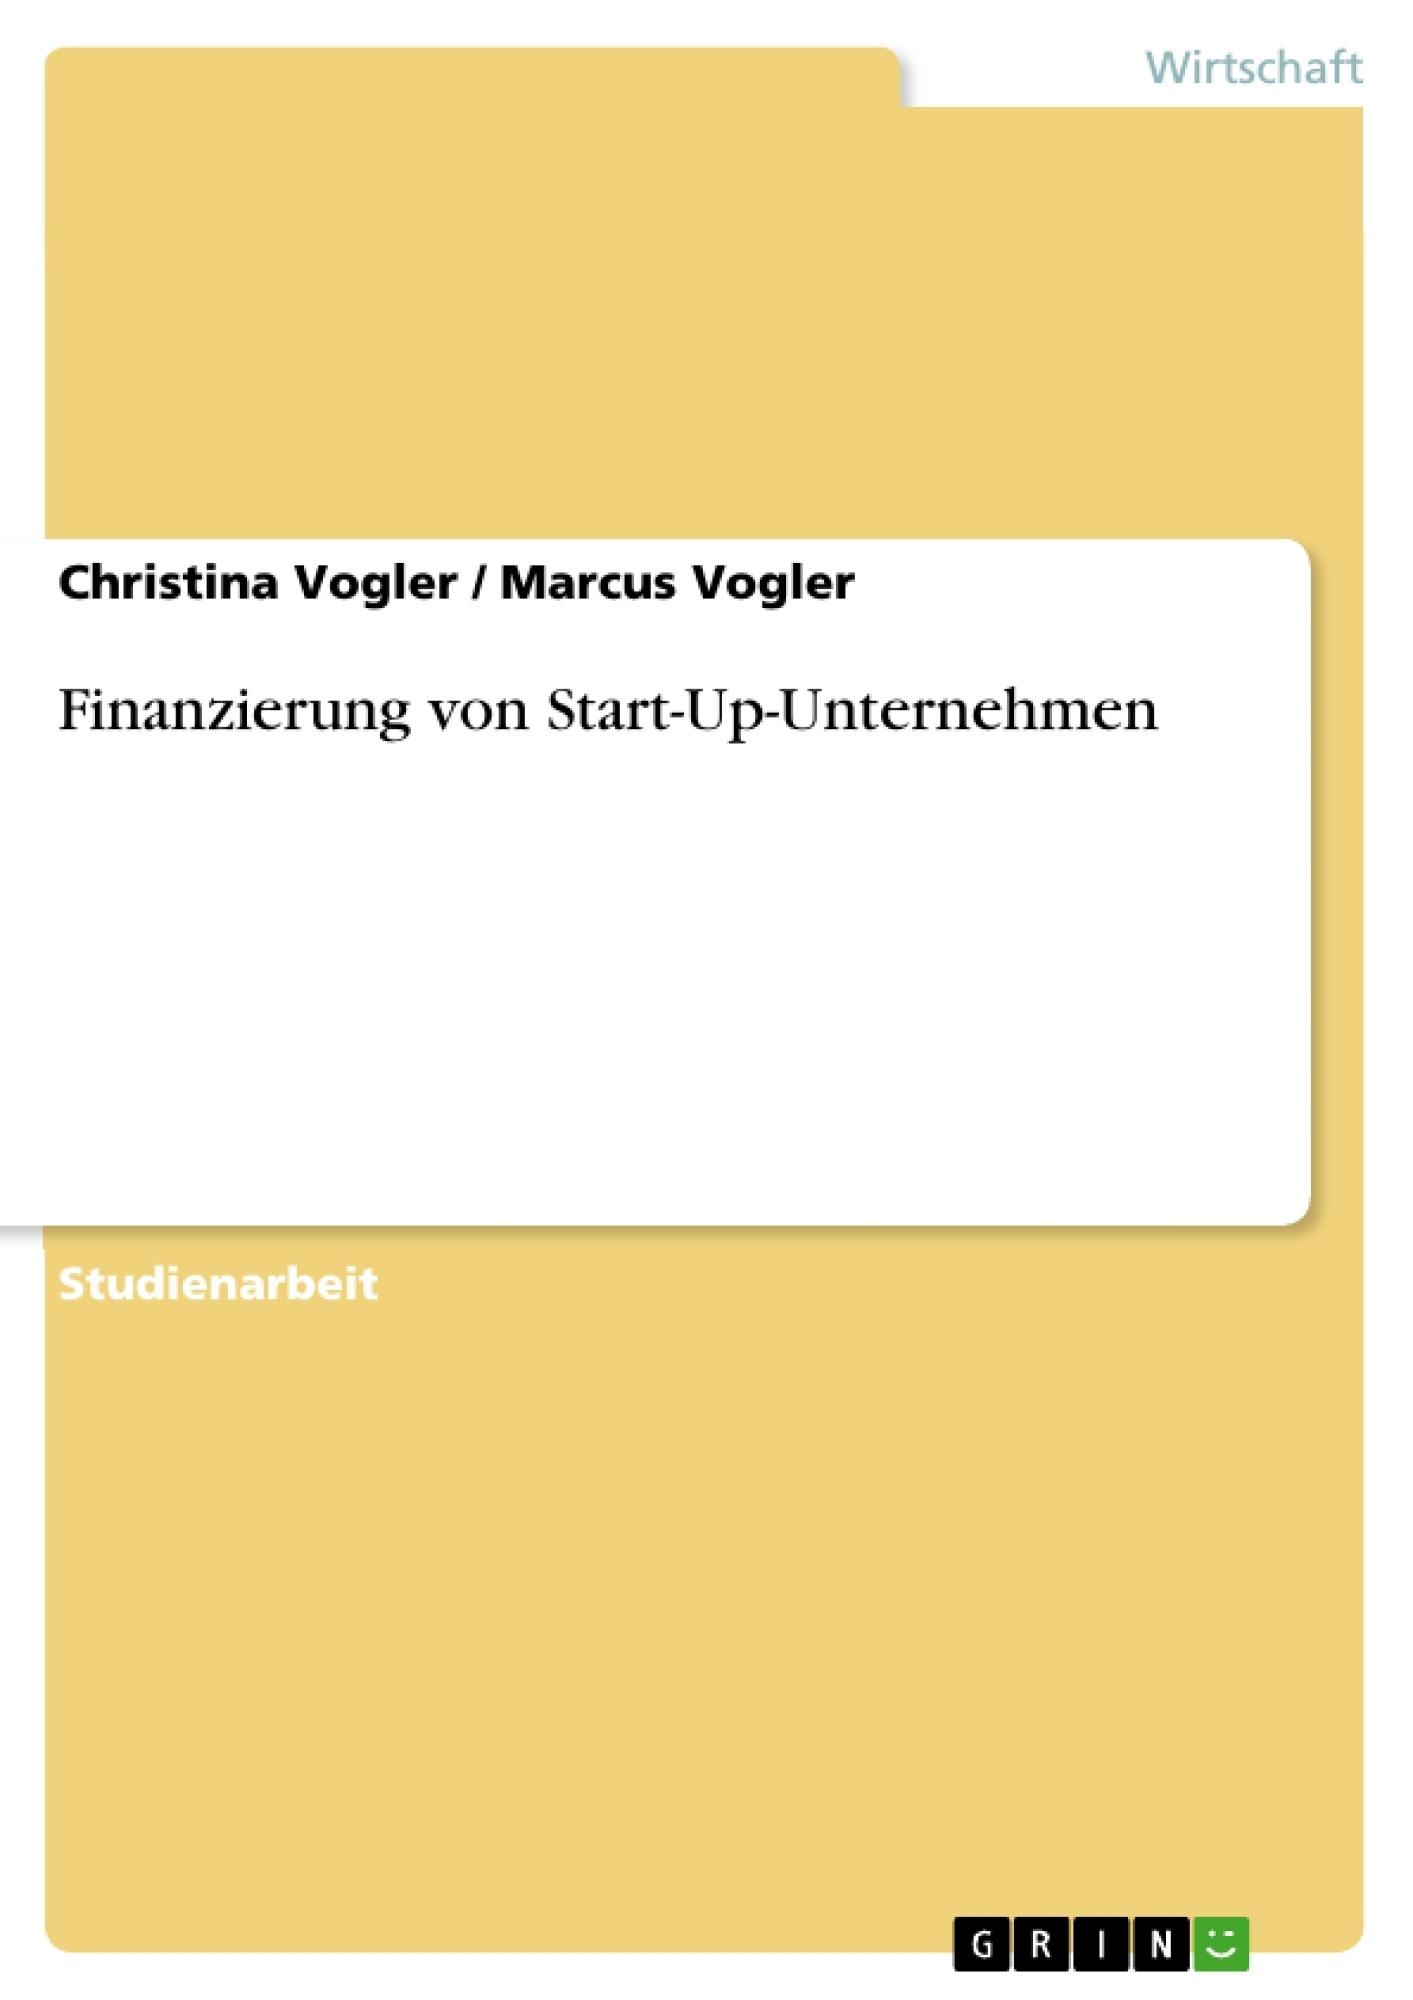 Titel: Finanzierung von Start-Up-Unternehmen